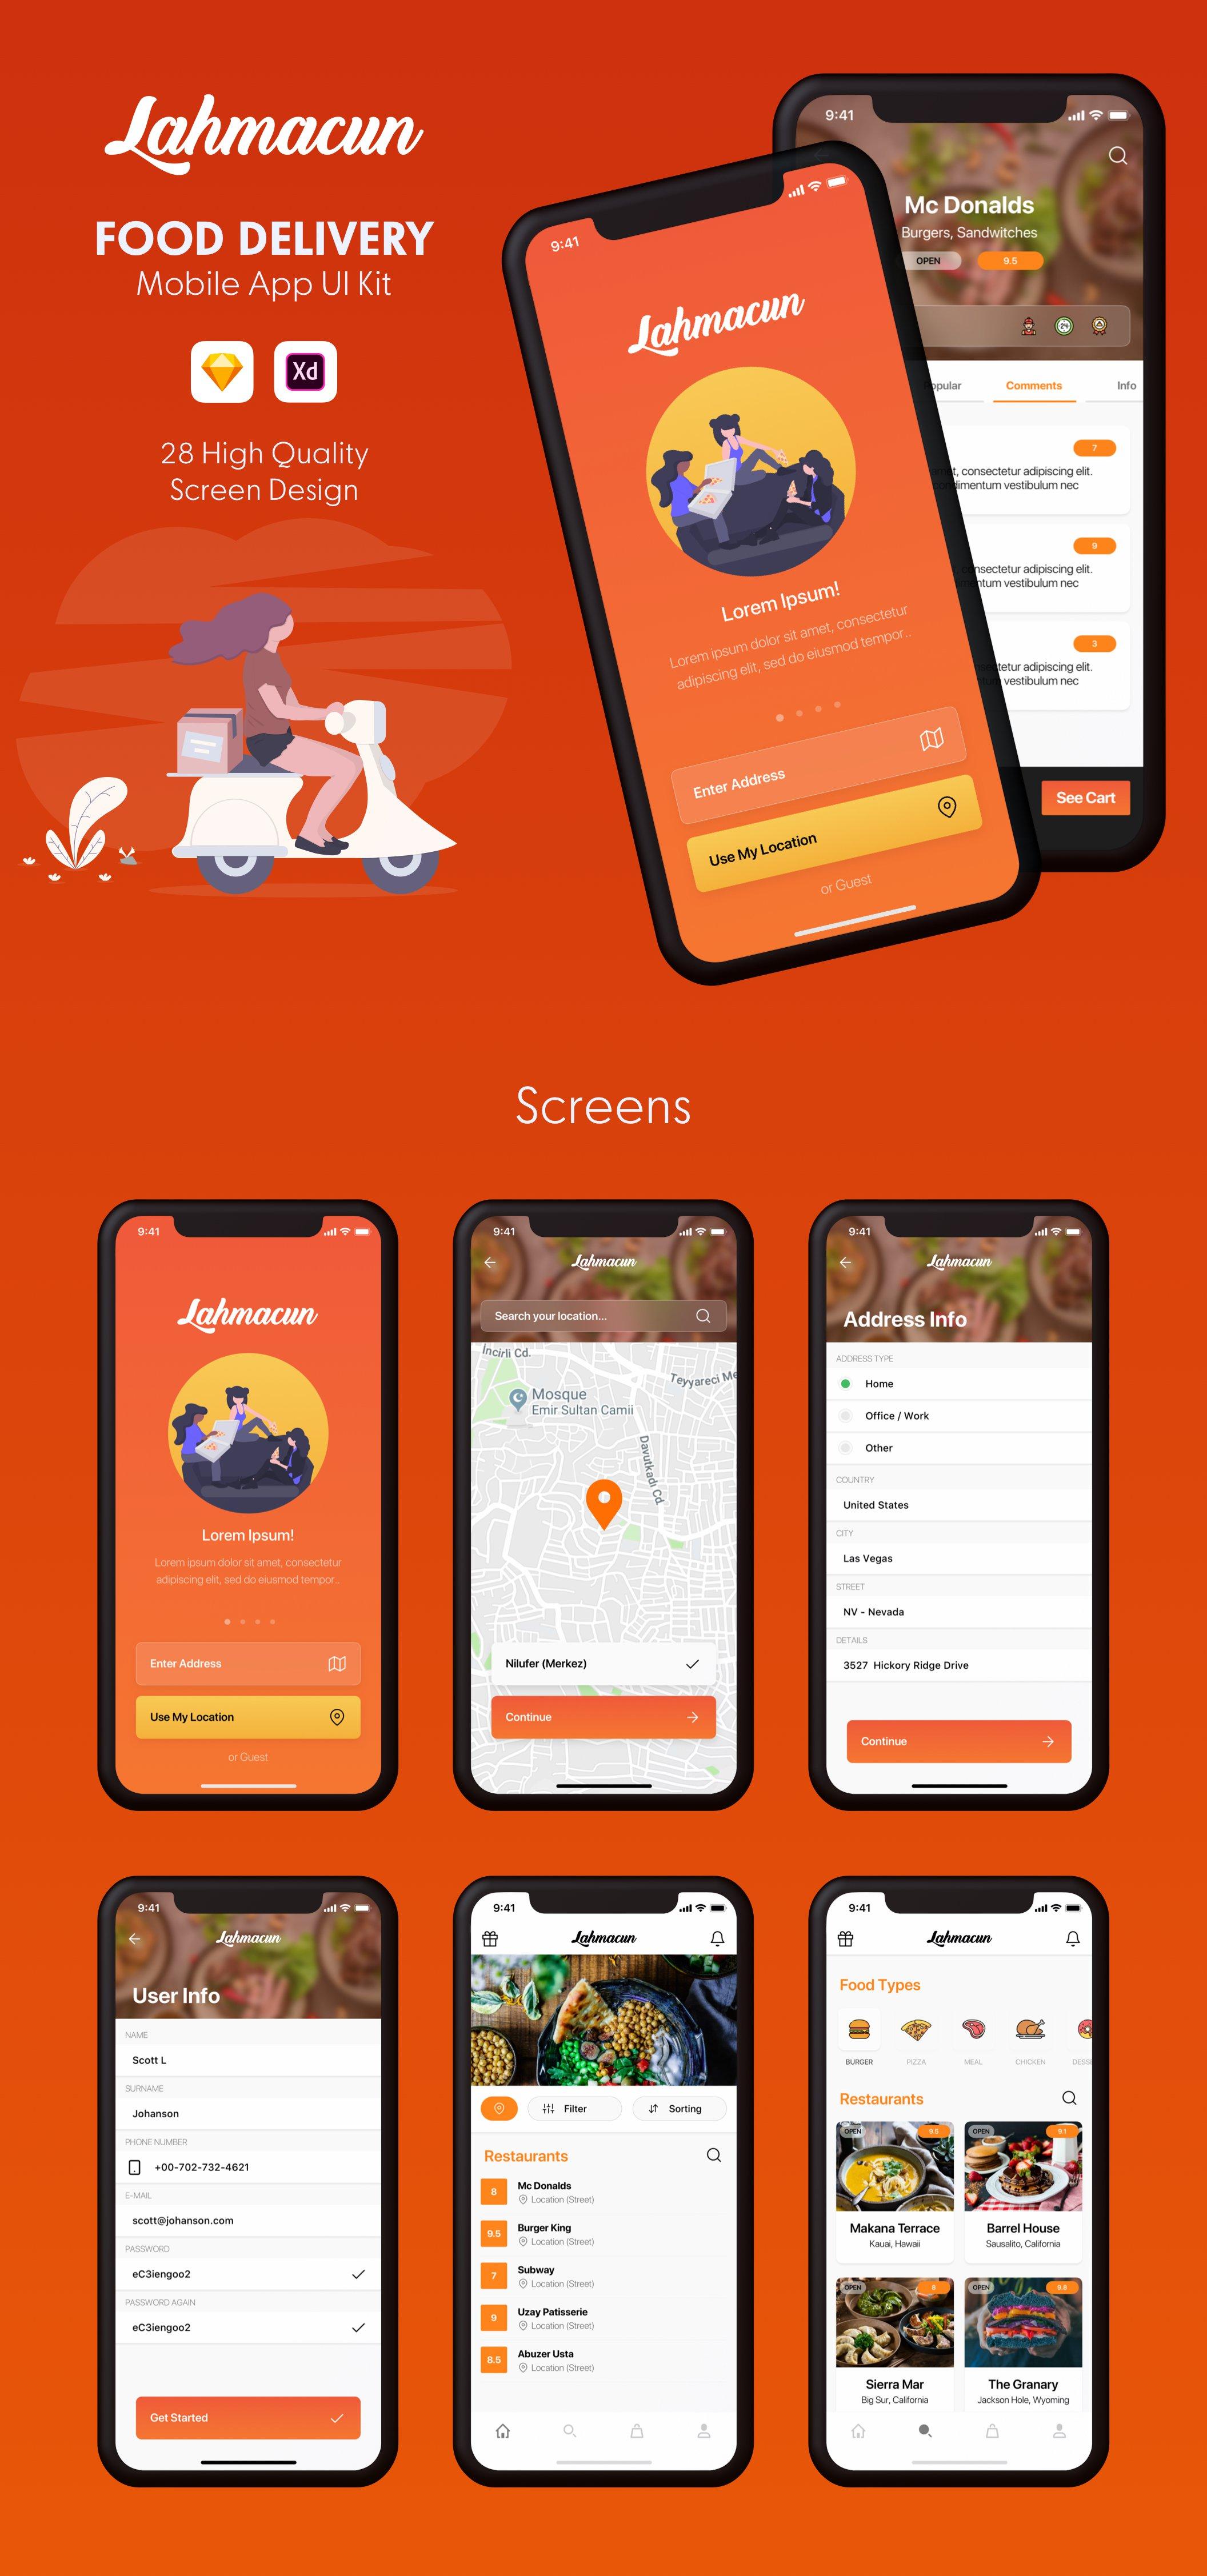 食品配送移动应用UI  Lahmacun - Food Delivery Mobile App UI Kit